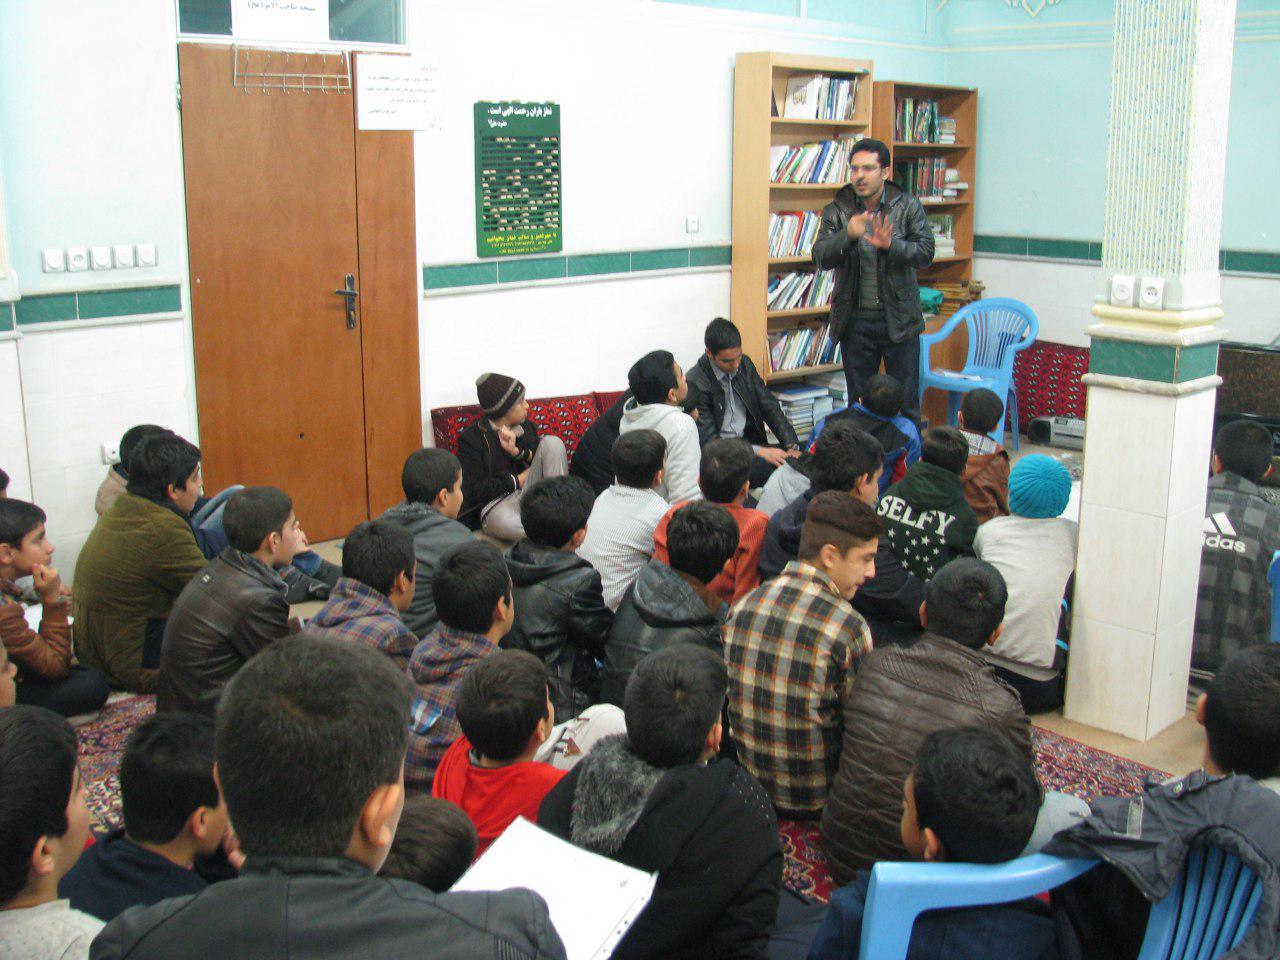 تصاویری ازجلسه معرفتی-سه شنبه ها برای دانش آموزان پایه هفتم و هشتم-دارالقرآن مهدیشهر